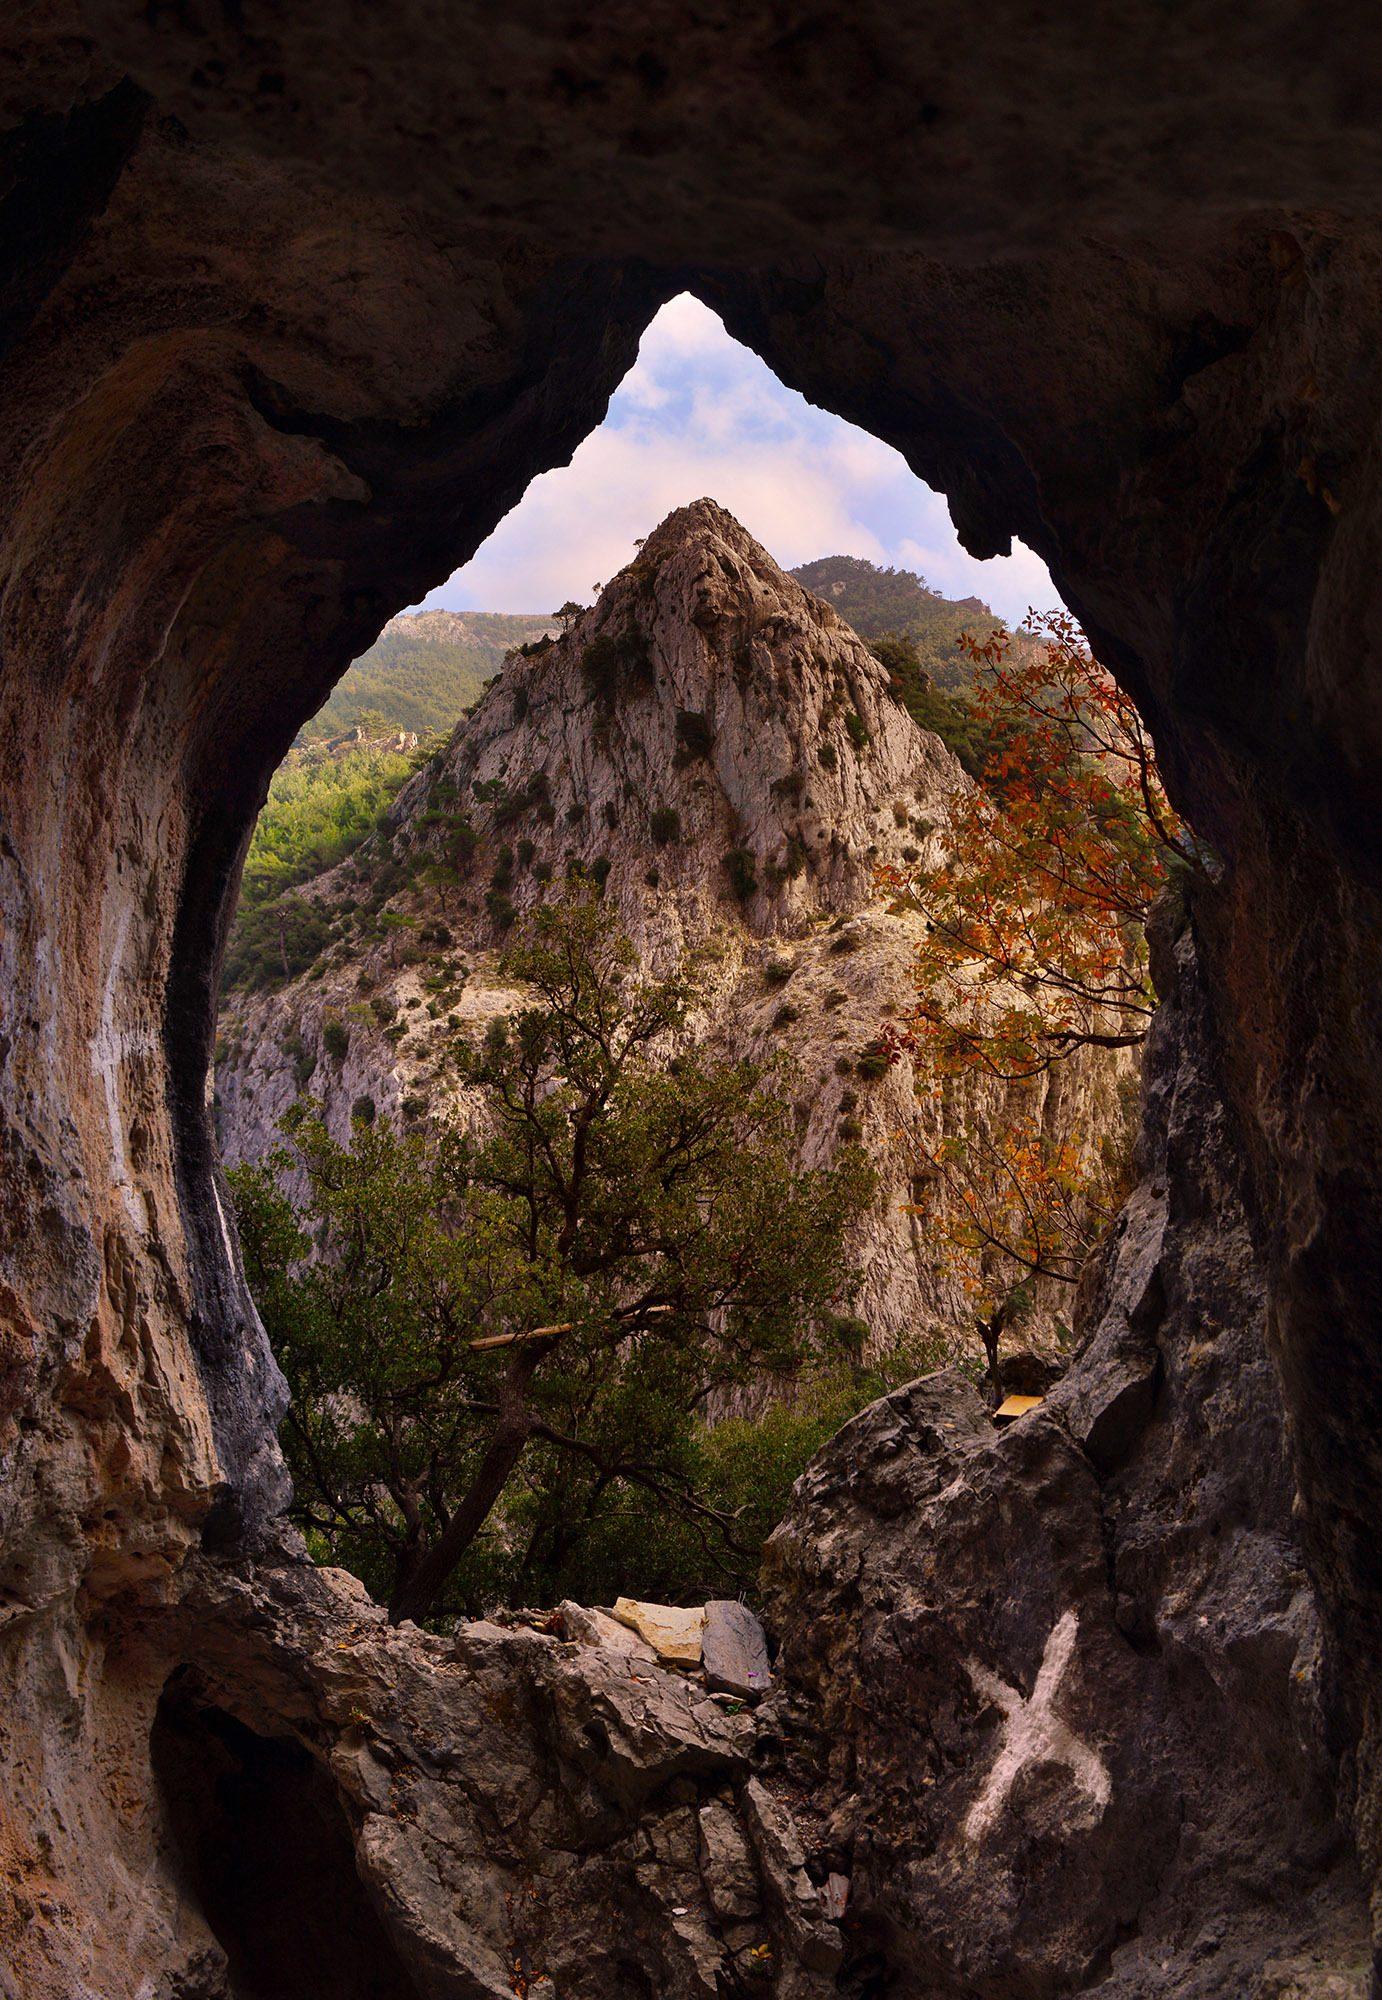 Σπήλαιο Κακοπέρατο